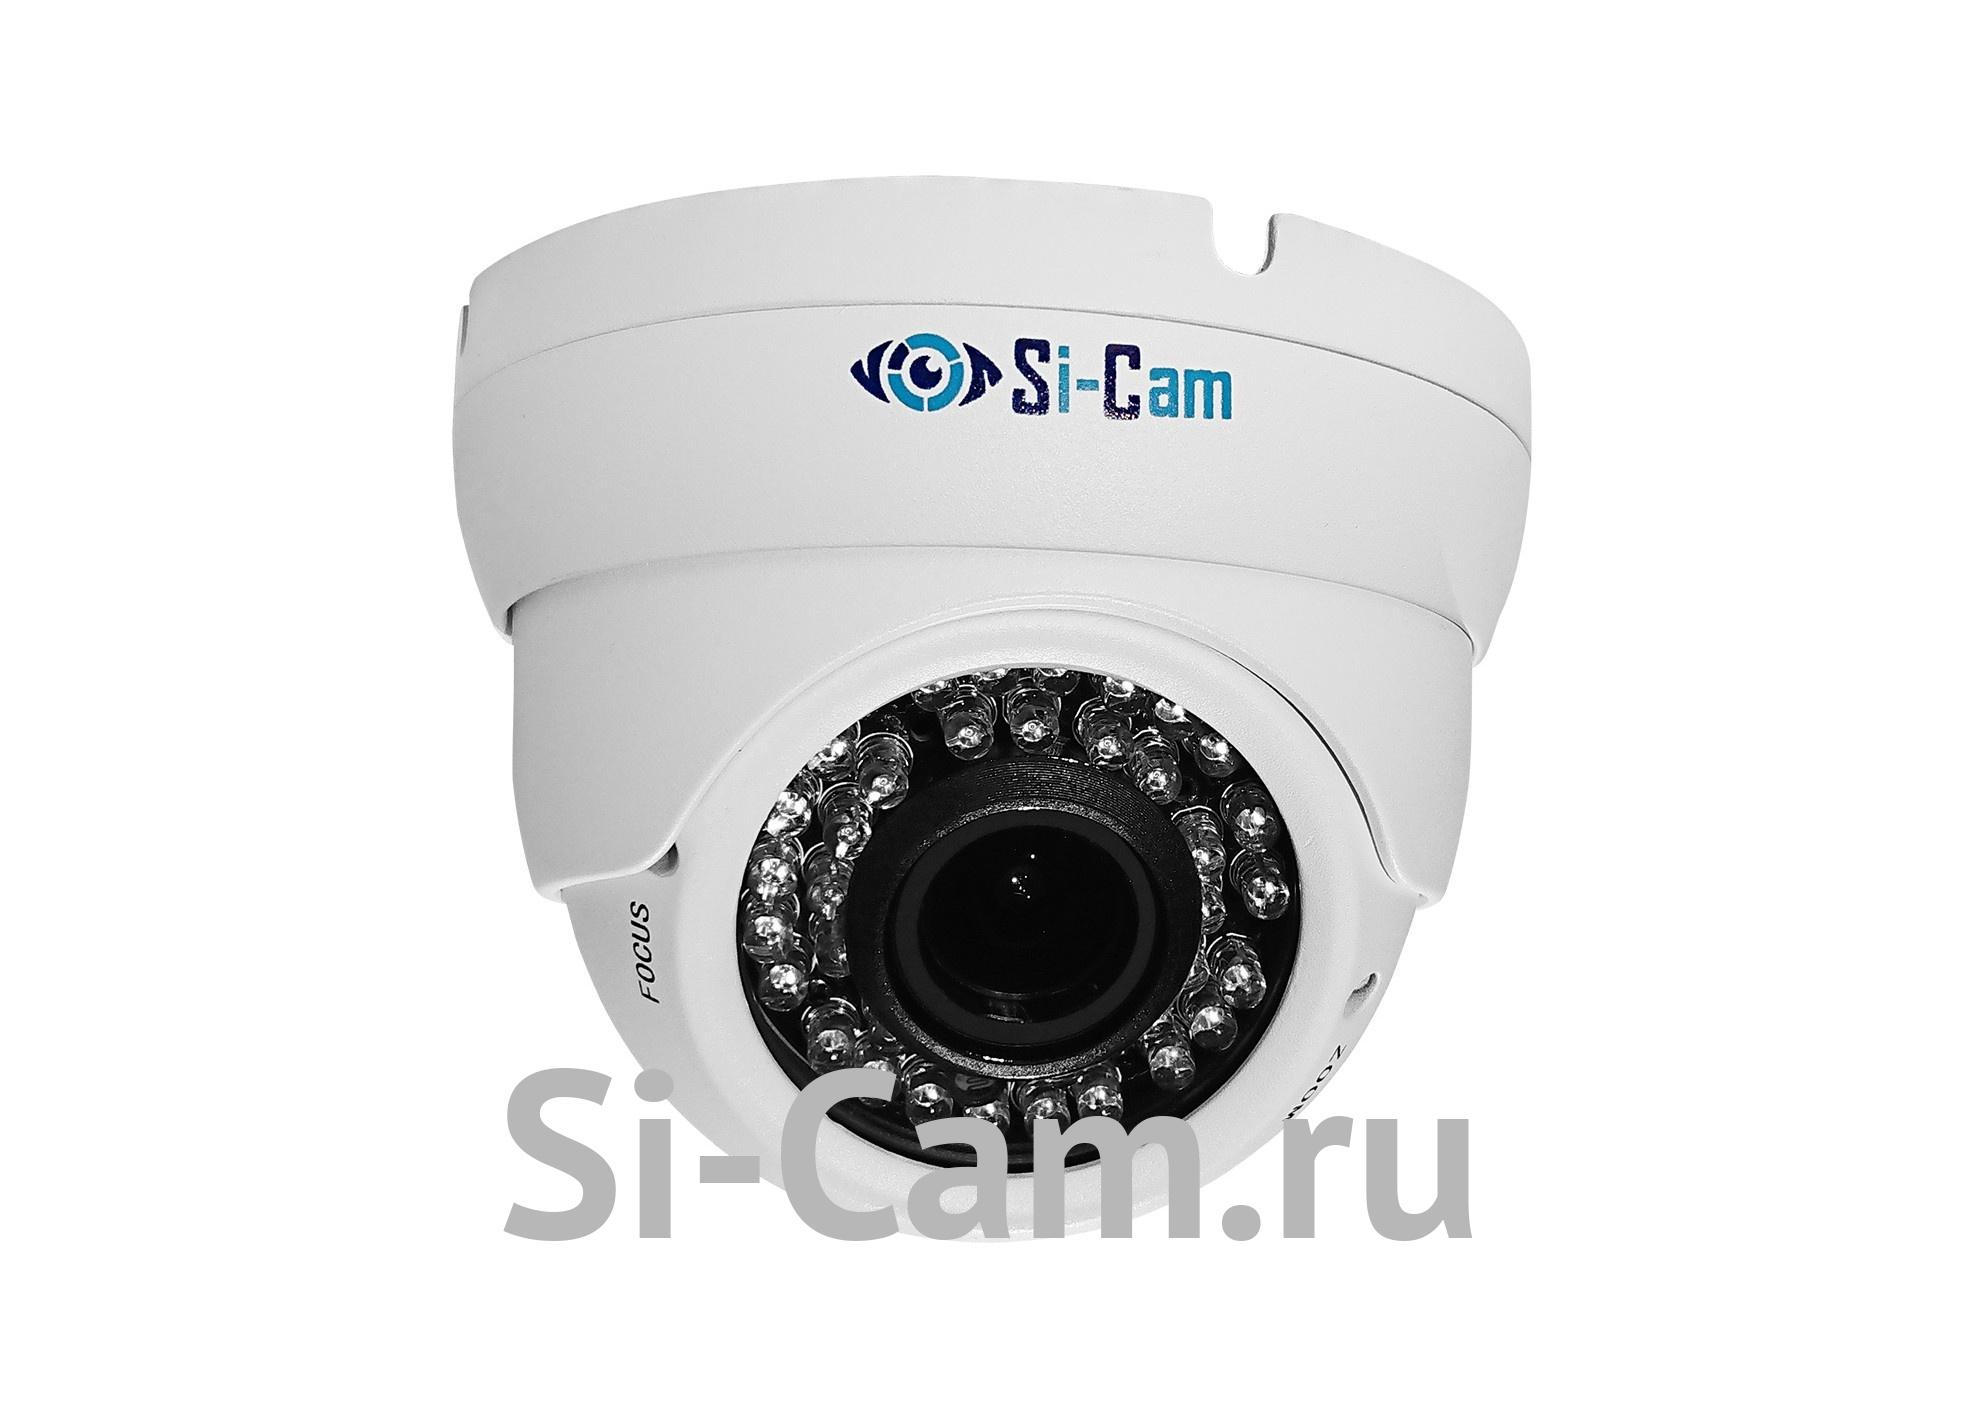 SC-D802V IR Купольная уличная антивандальная IP видеокамера